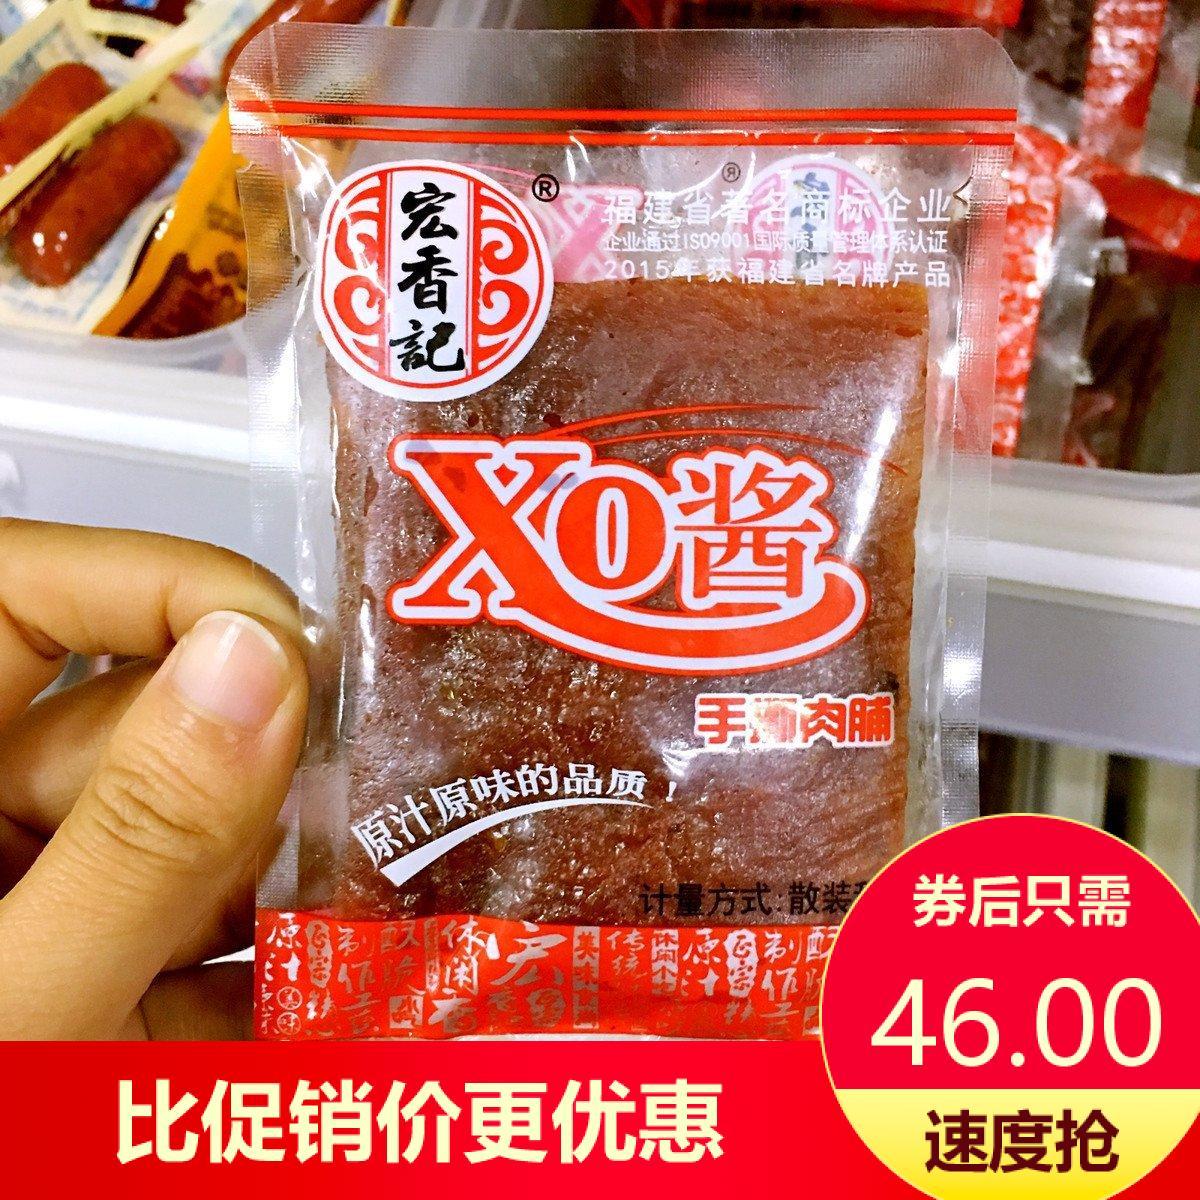 宏香记XO酱手撕猪肉脯500g 烘烤猪肉干休闲零食包邮福建特产原味包邮